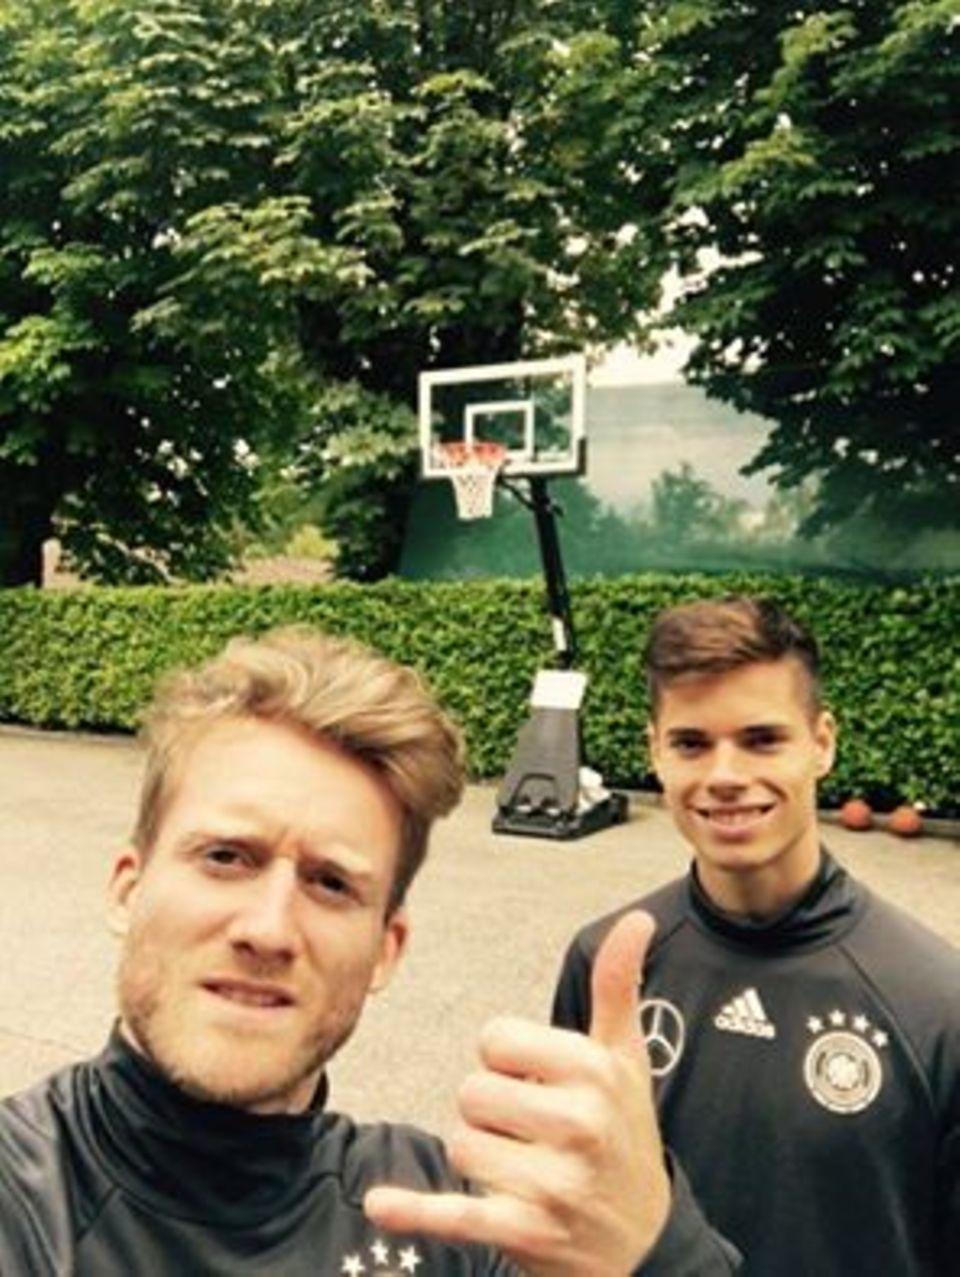 Die deutsche Nationalmannschaft hat einen freien Tag. André Schürrle und Julian Weigl nutzen die Zeit und werfen ein paar Körbe.